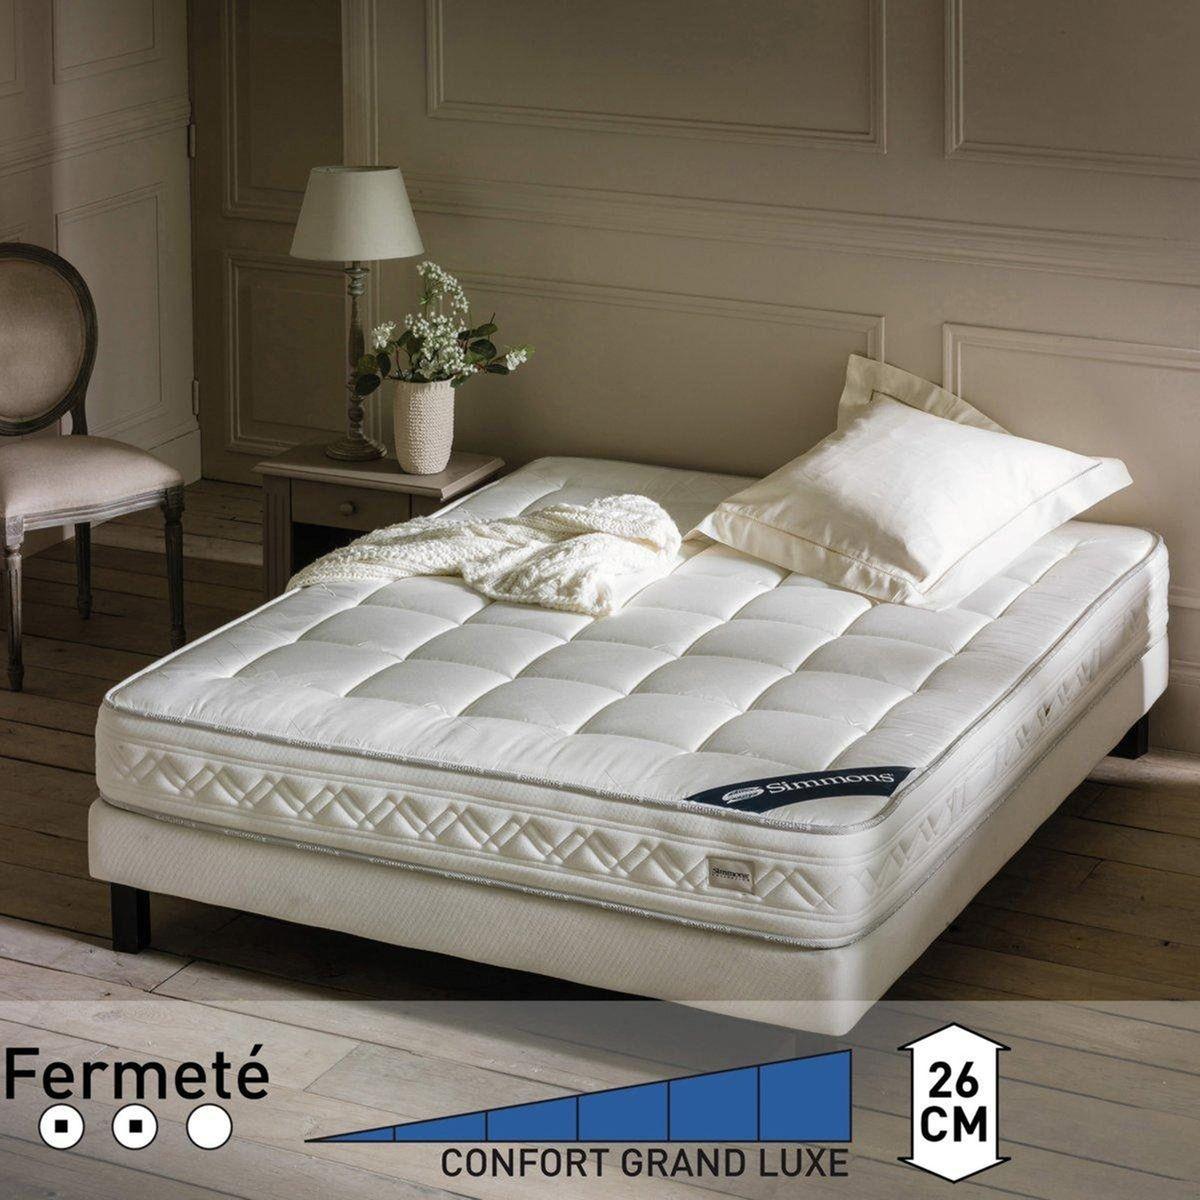 Matelas confort Prestige Ferme 651re blanc Simmons, Matelas La Redoute